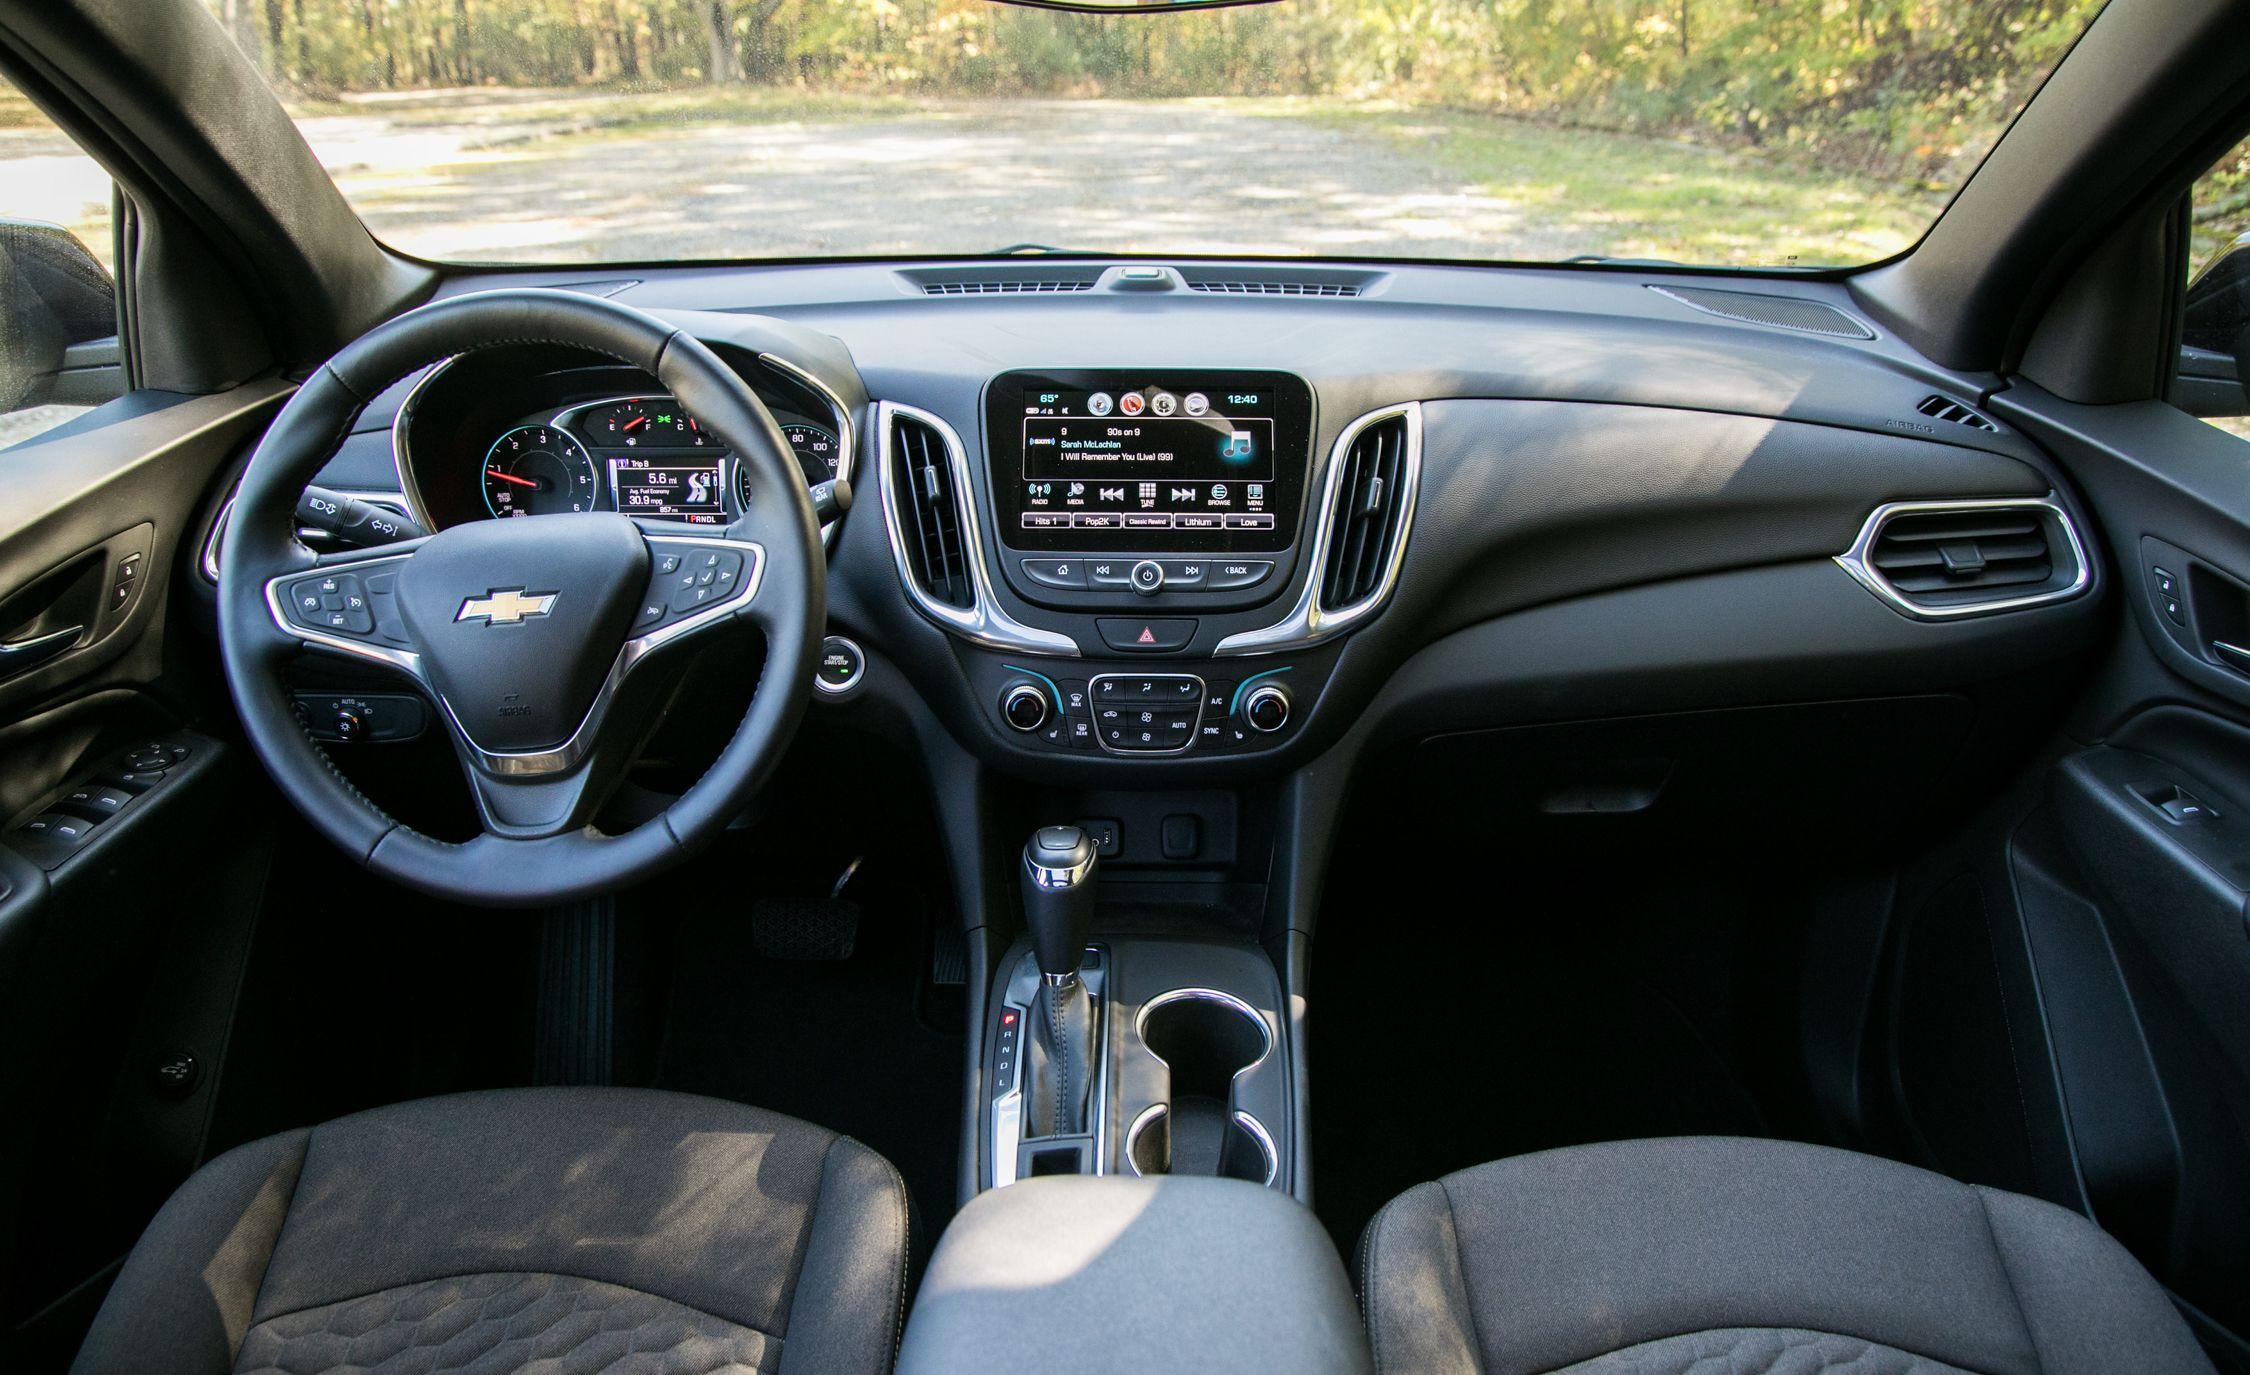 Chevrolet Equinox Reviews Price Photos And Gm 3 6 Vvt Engine Problems Specs Car Driver